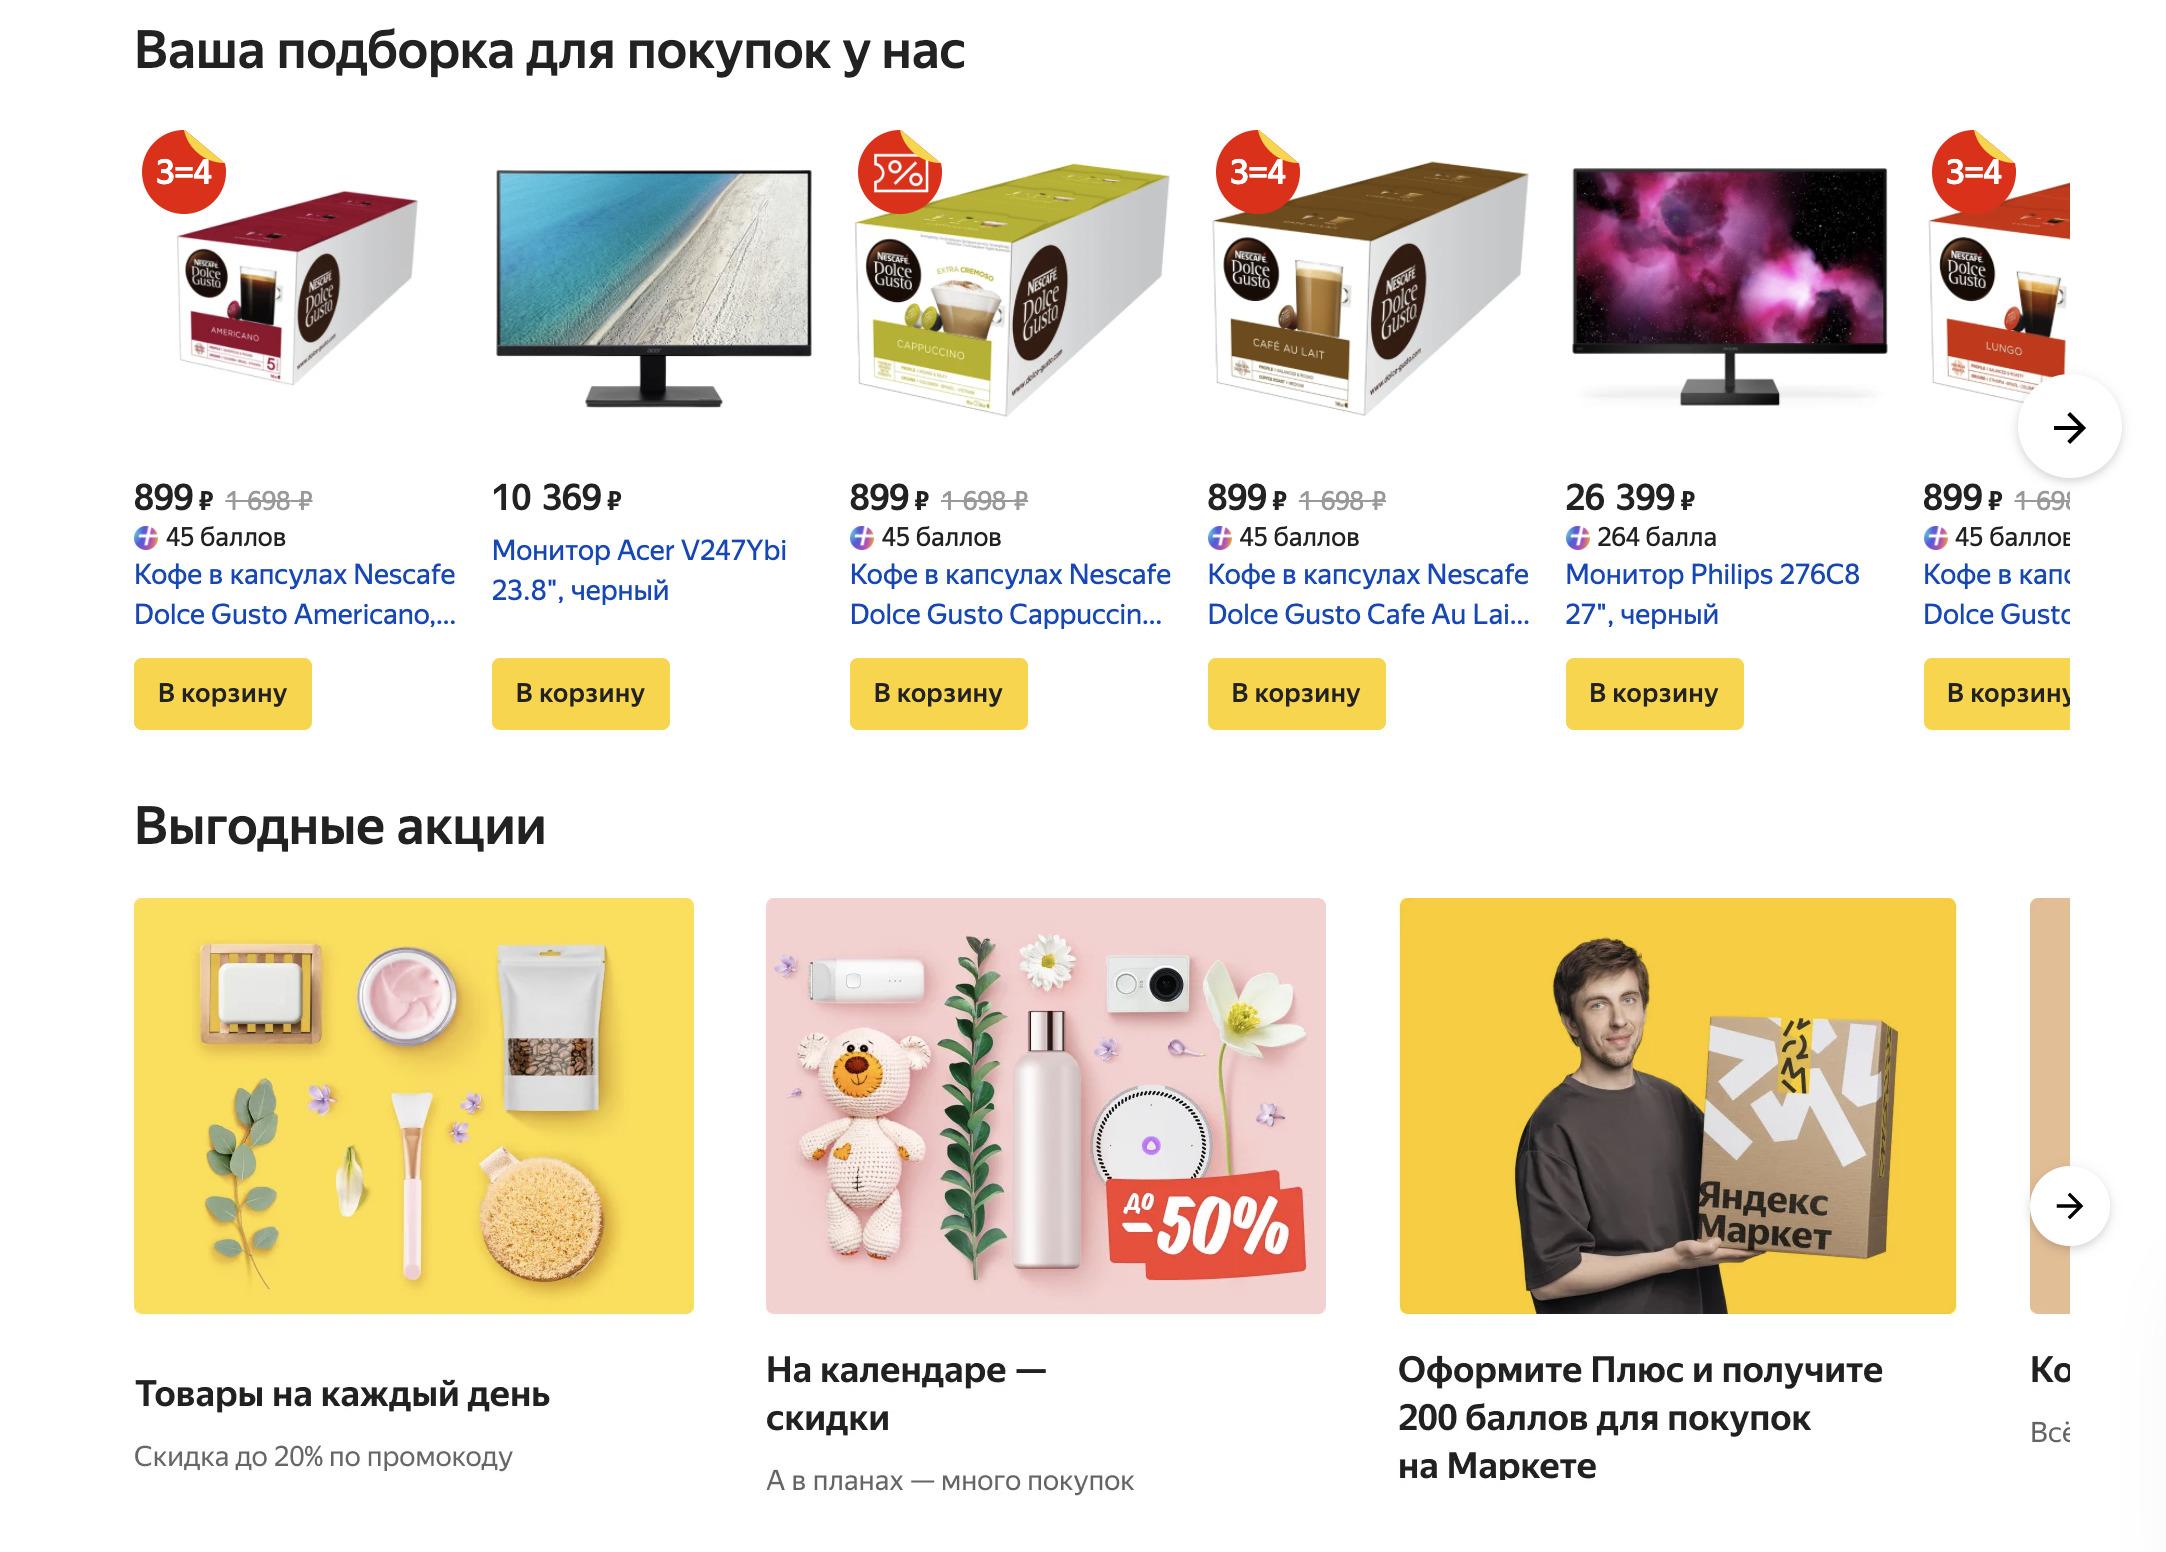 Доставка из Яндекс.Маркет в Псков, сроки, пункты выдачи, каталог